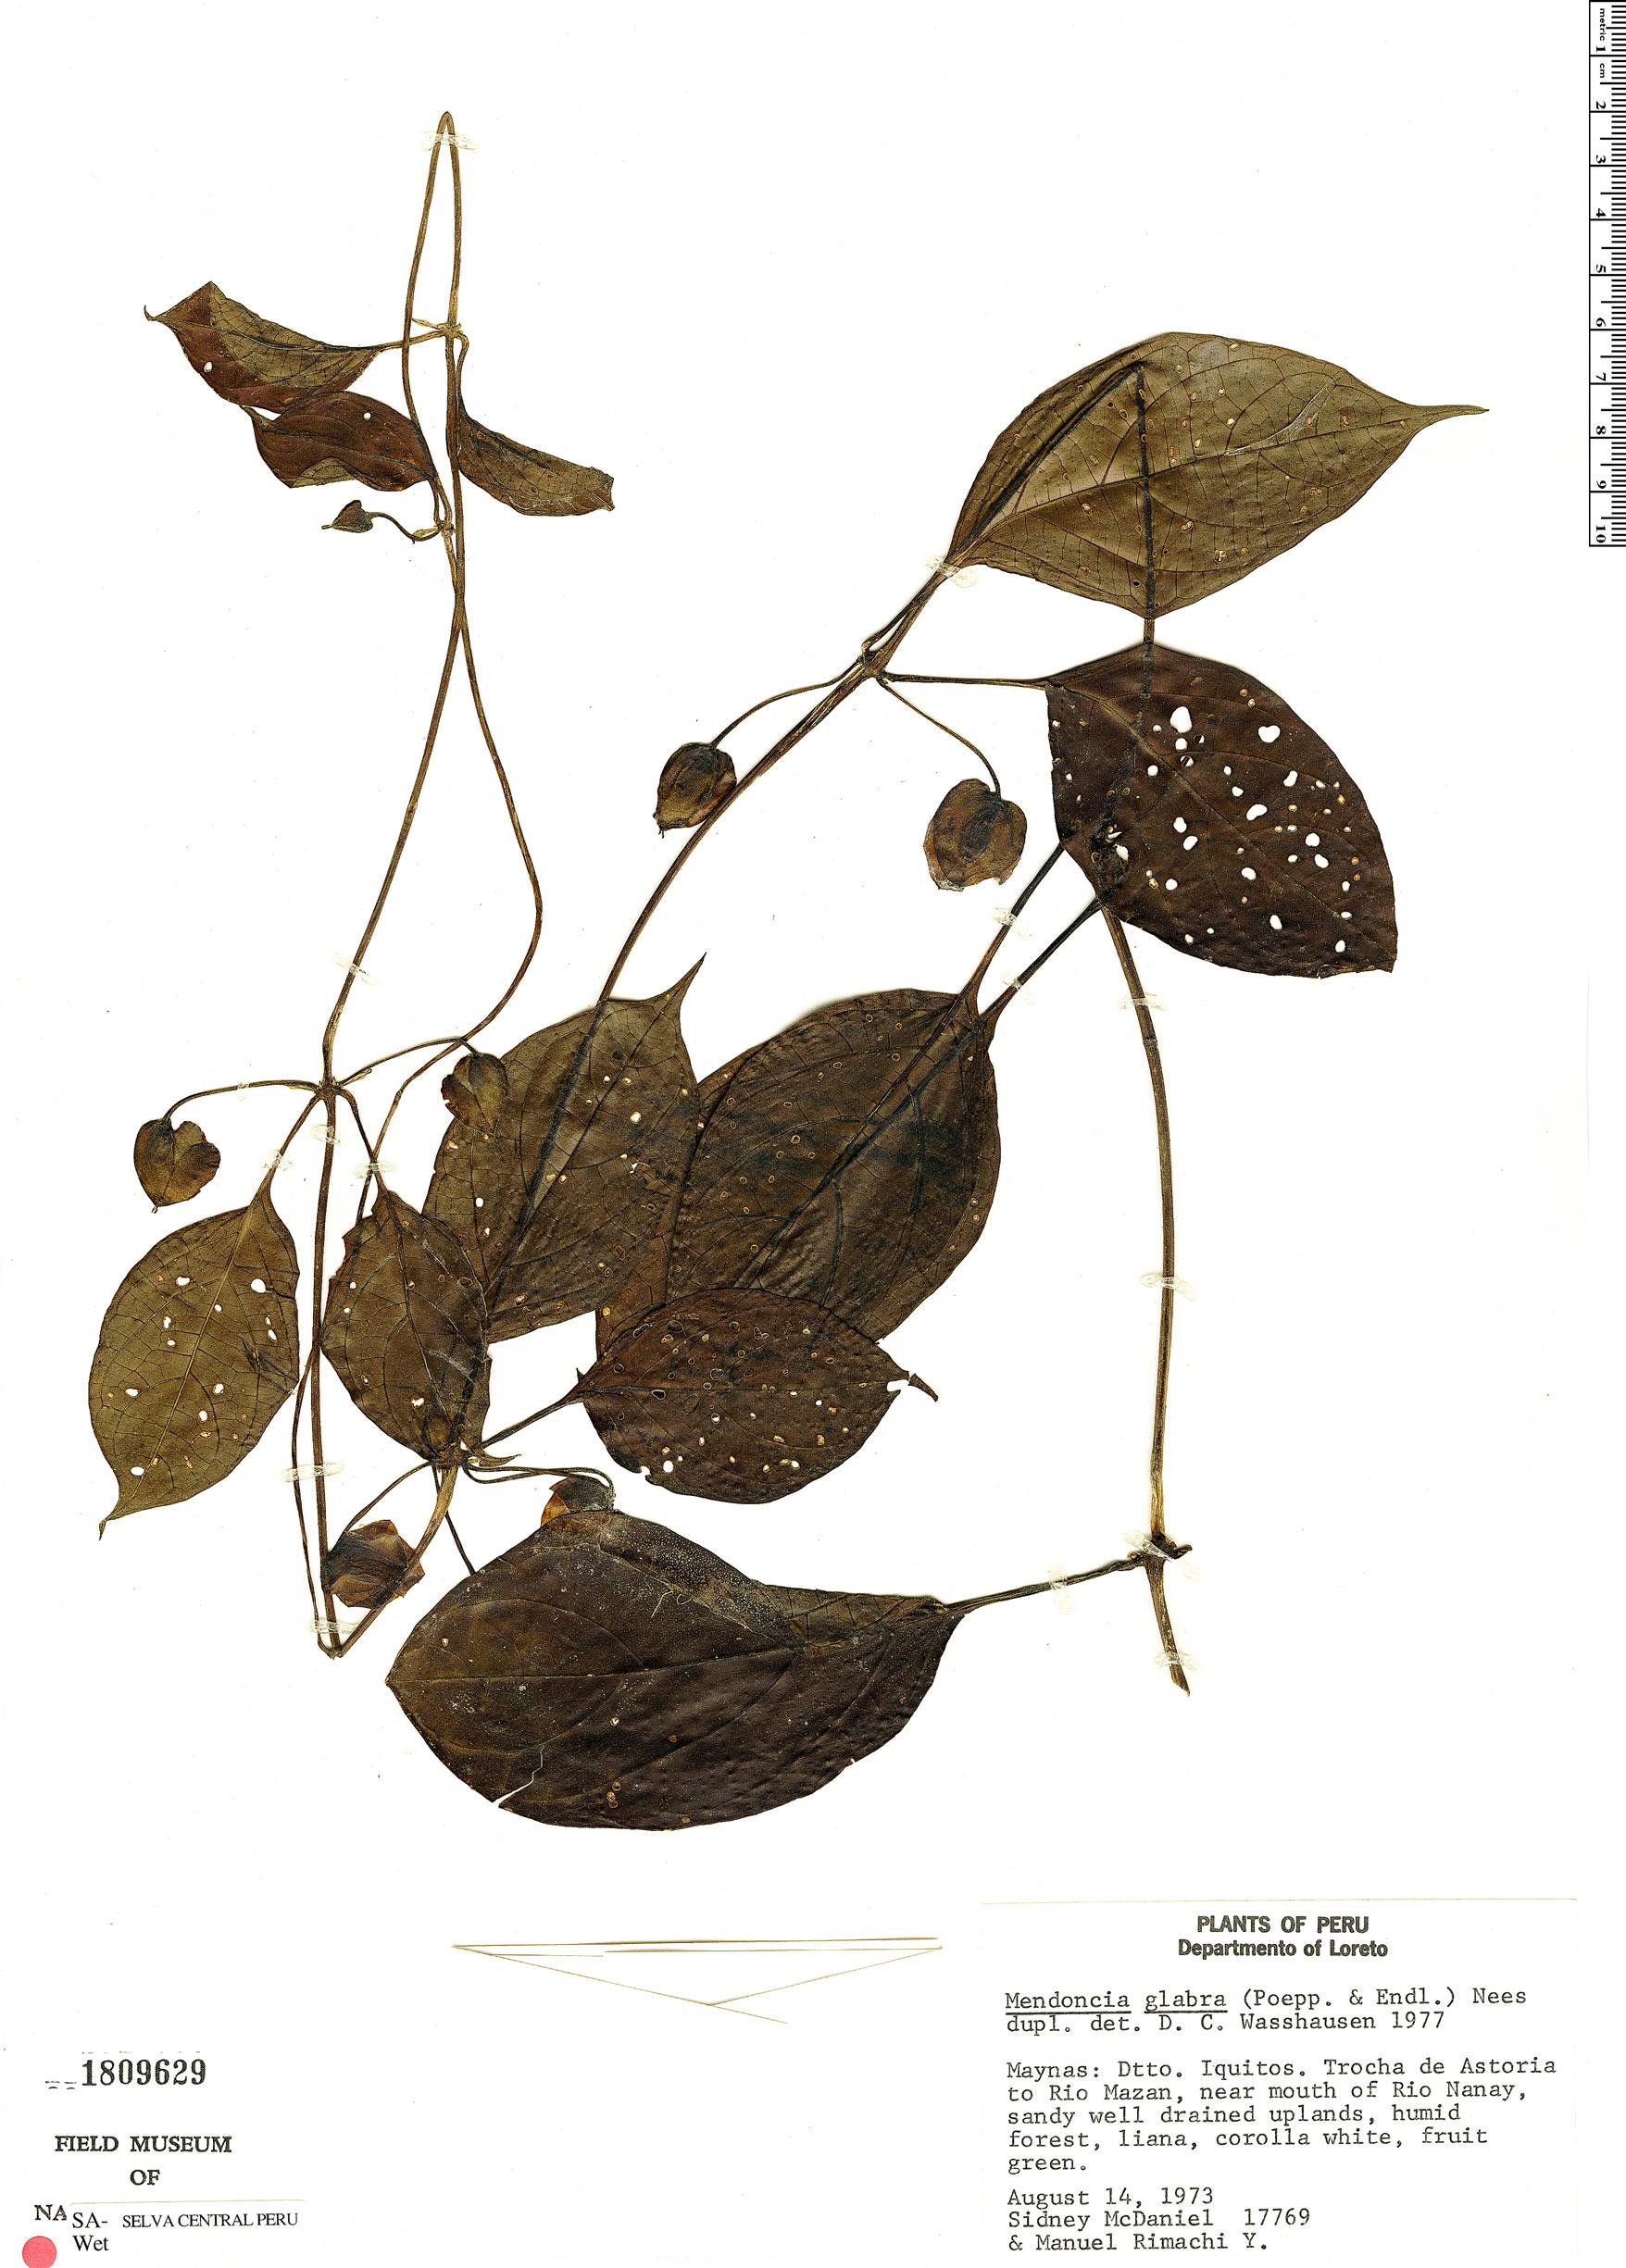 Specimen: Mendoncia glabra